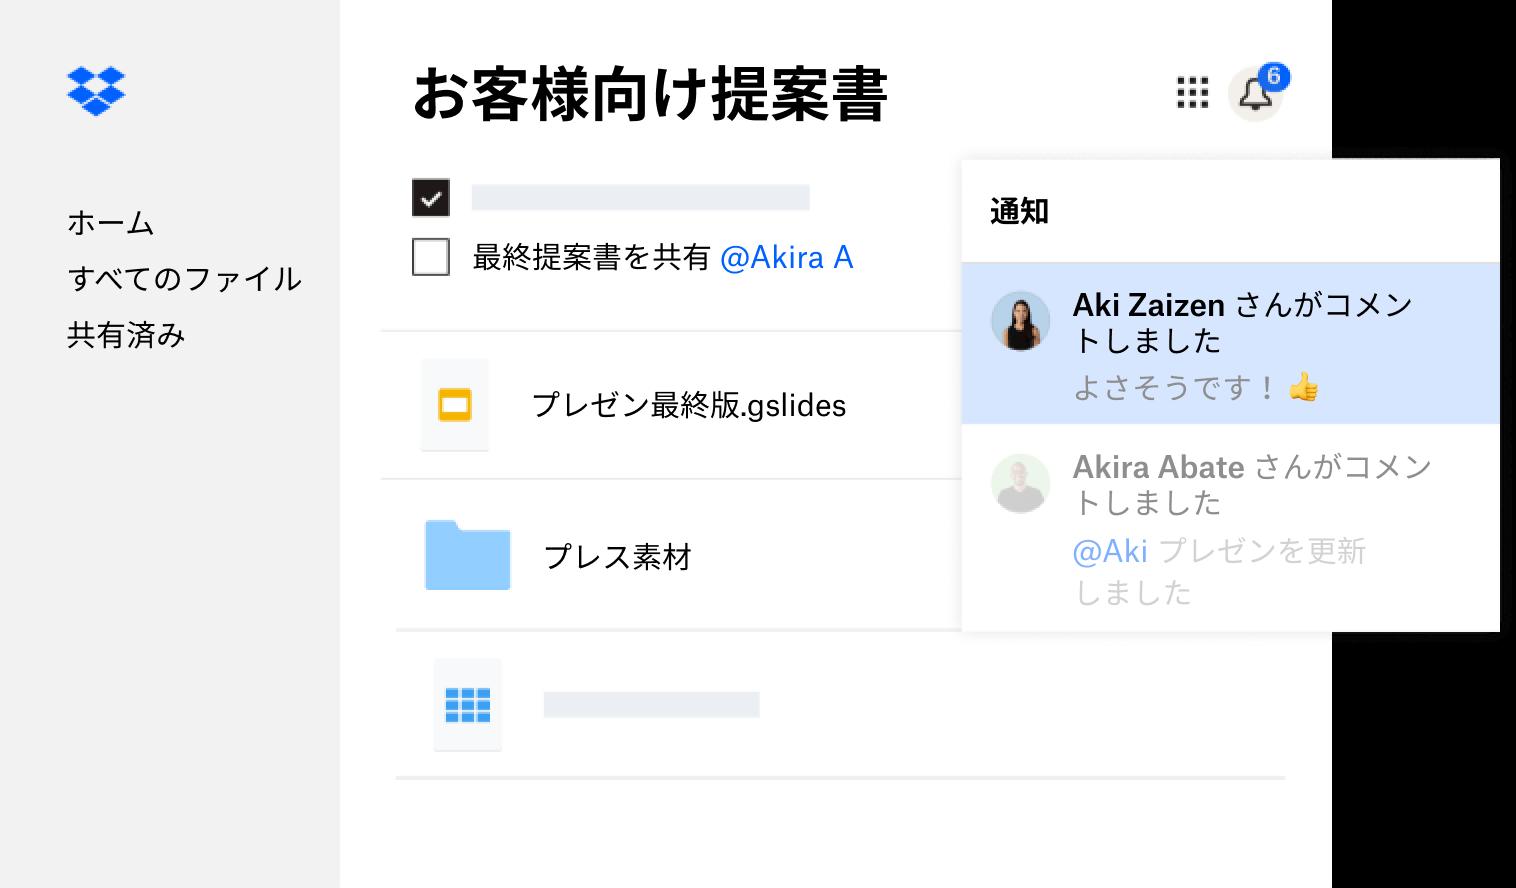 Dropbox で複数のユーザーに共有され、フィードバックが追加されたお客様向け提案書